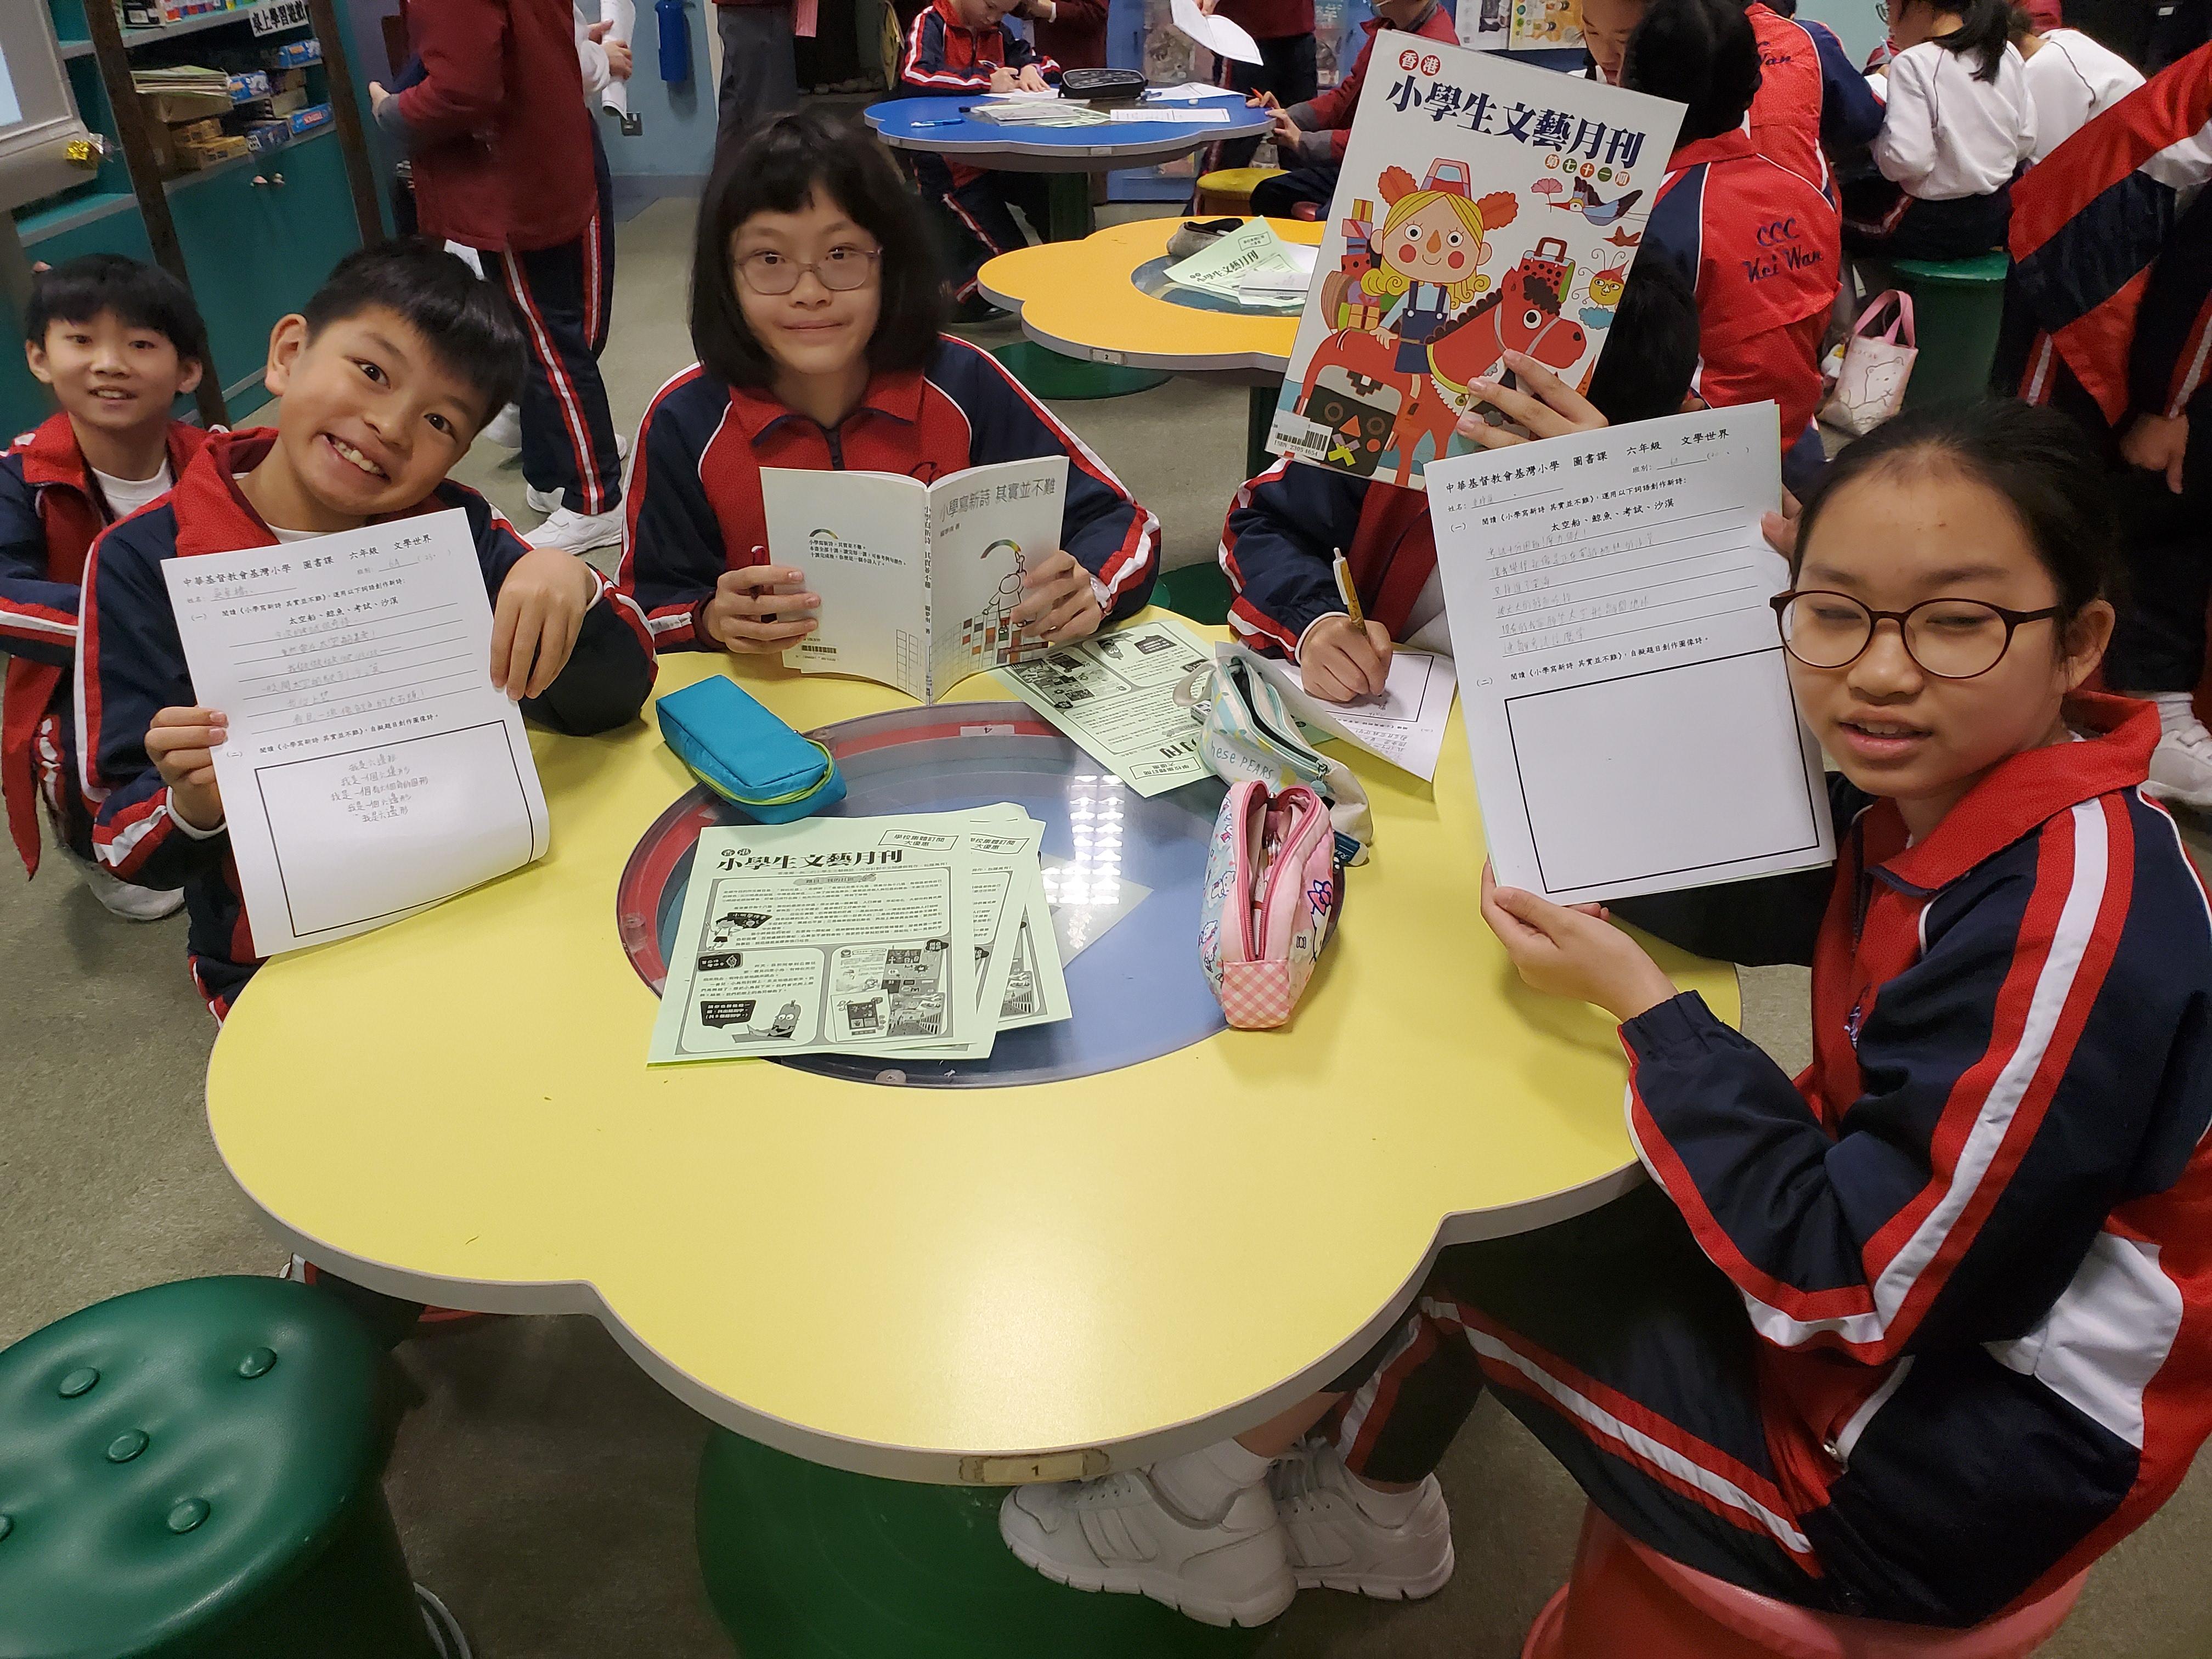 http://www.keiwan.edu.hk/sites/default/files/20191216_102714.jpg